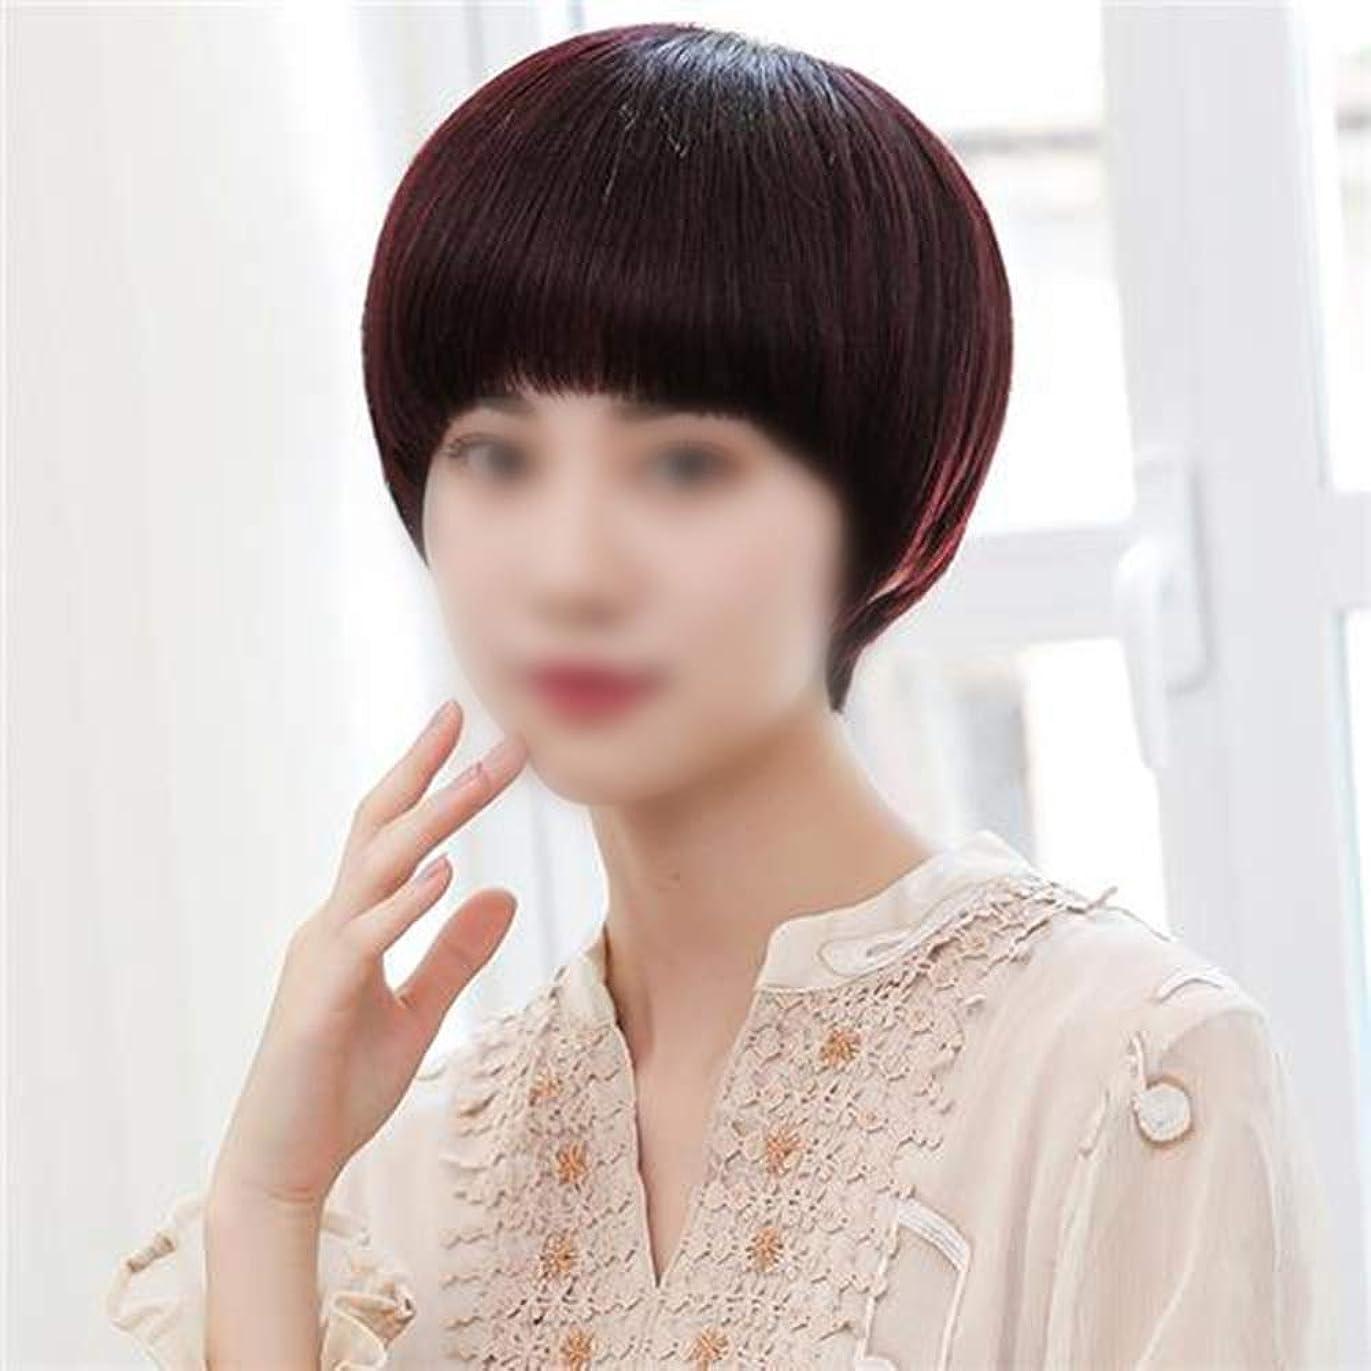 ロック慈悲深い南西HOHYLLYA リアルヘア手編みボブショートストレートヘア前髪ふわふわハンサムウィッグ女性のための毎日のドレスファッションかつら (色 : ワインレッド)